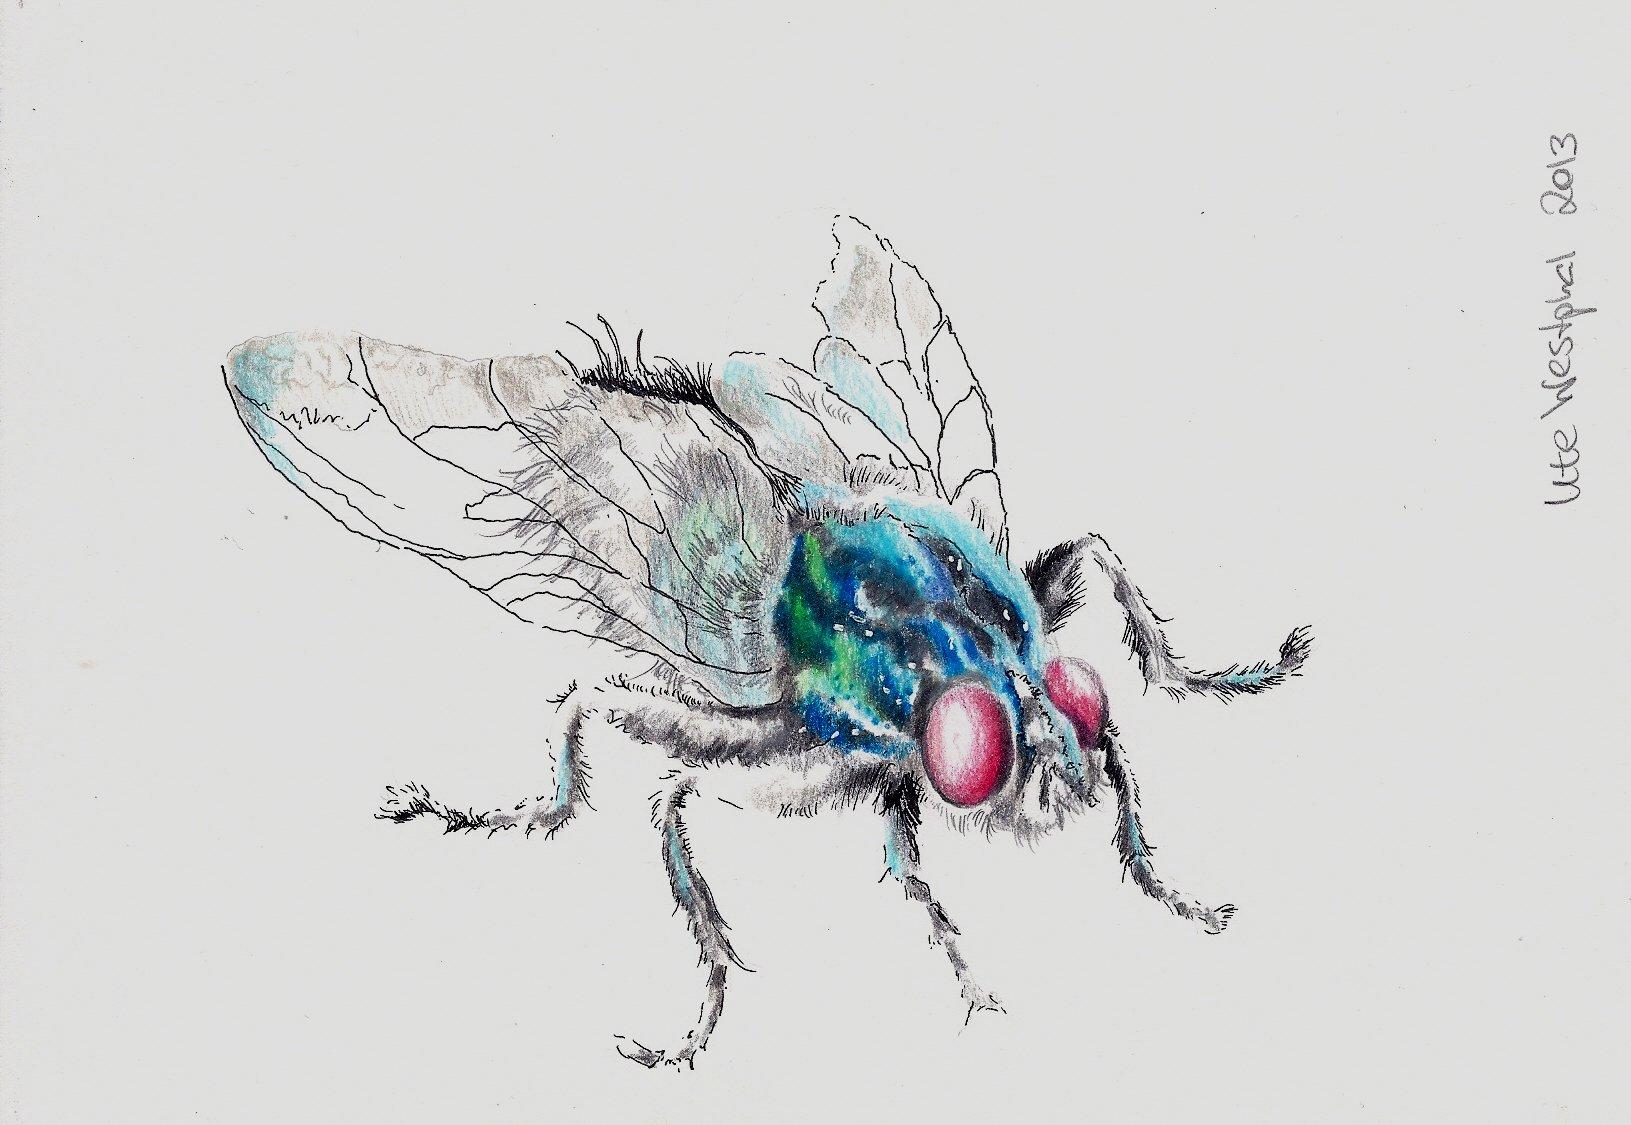 fliege  insekten fliege tiere portrait von panter bei